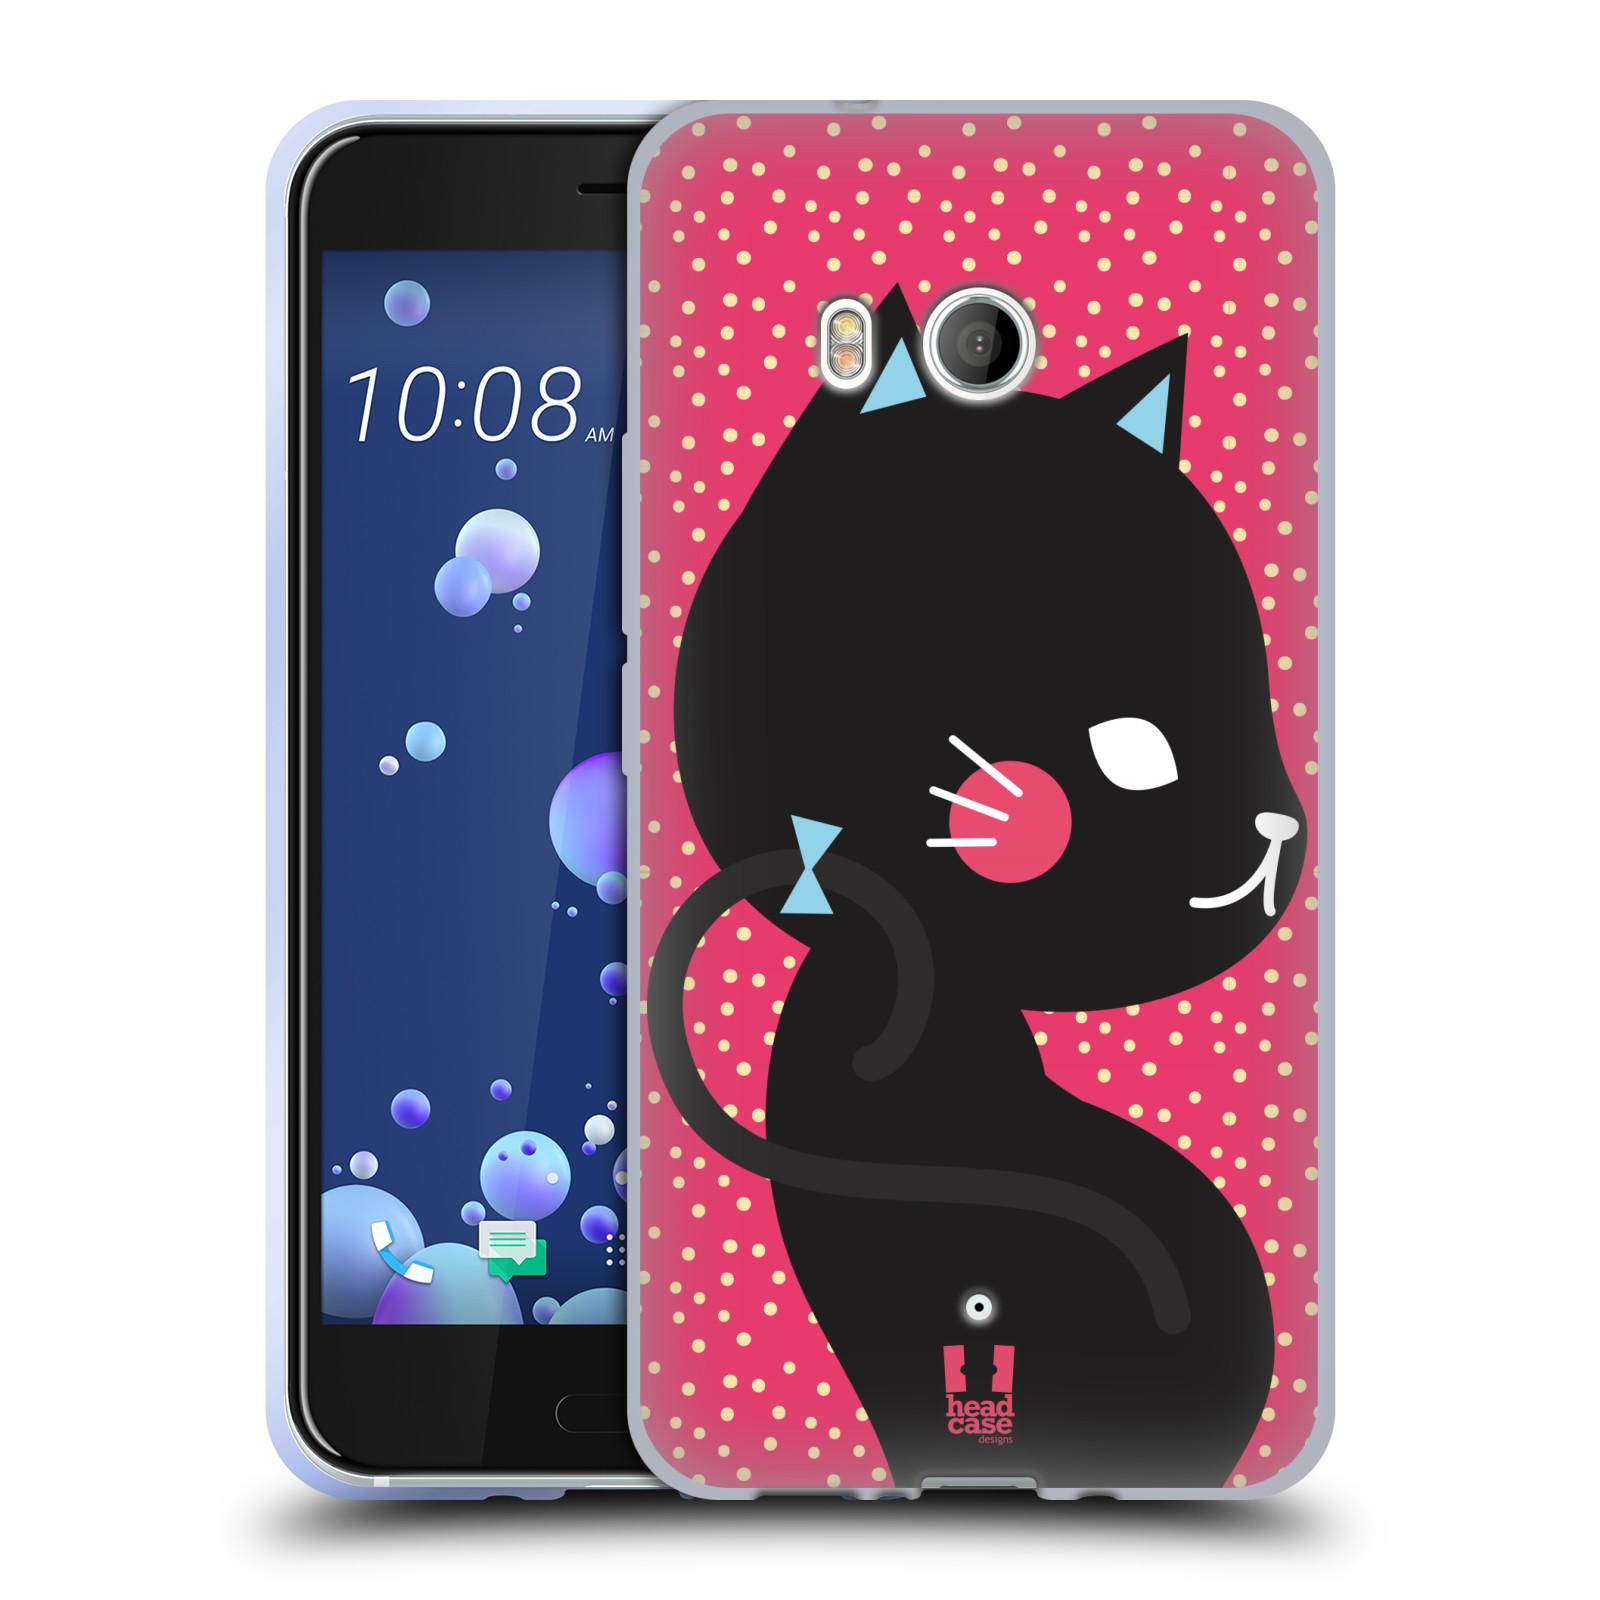 Silikonové pouzdro na mobil HTC U11 - Head Case - KOČIČKA Černá NA RŮŽOVÉ